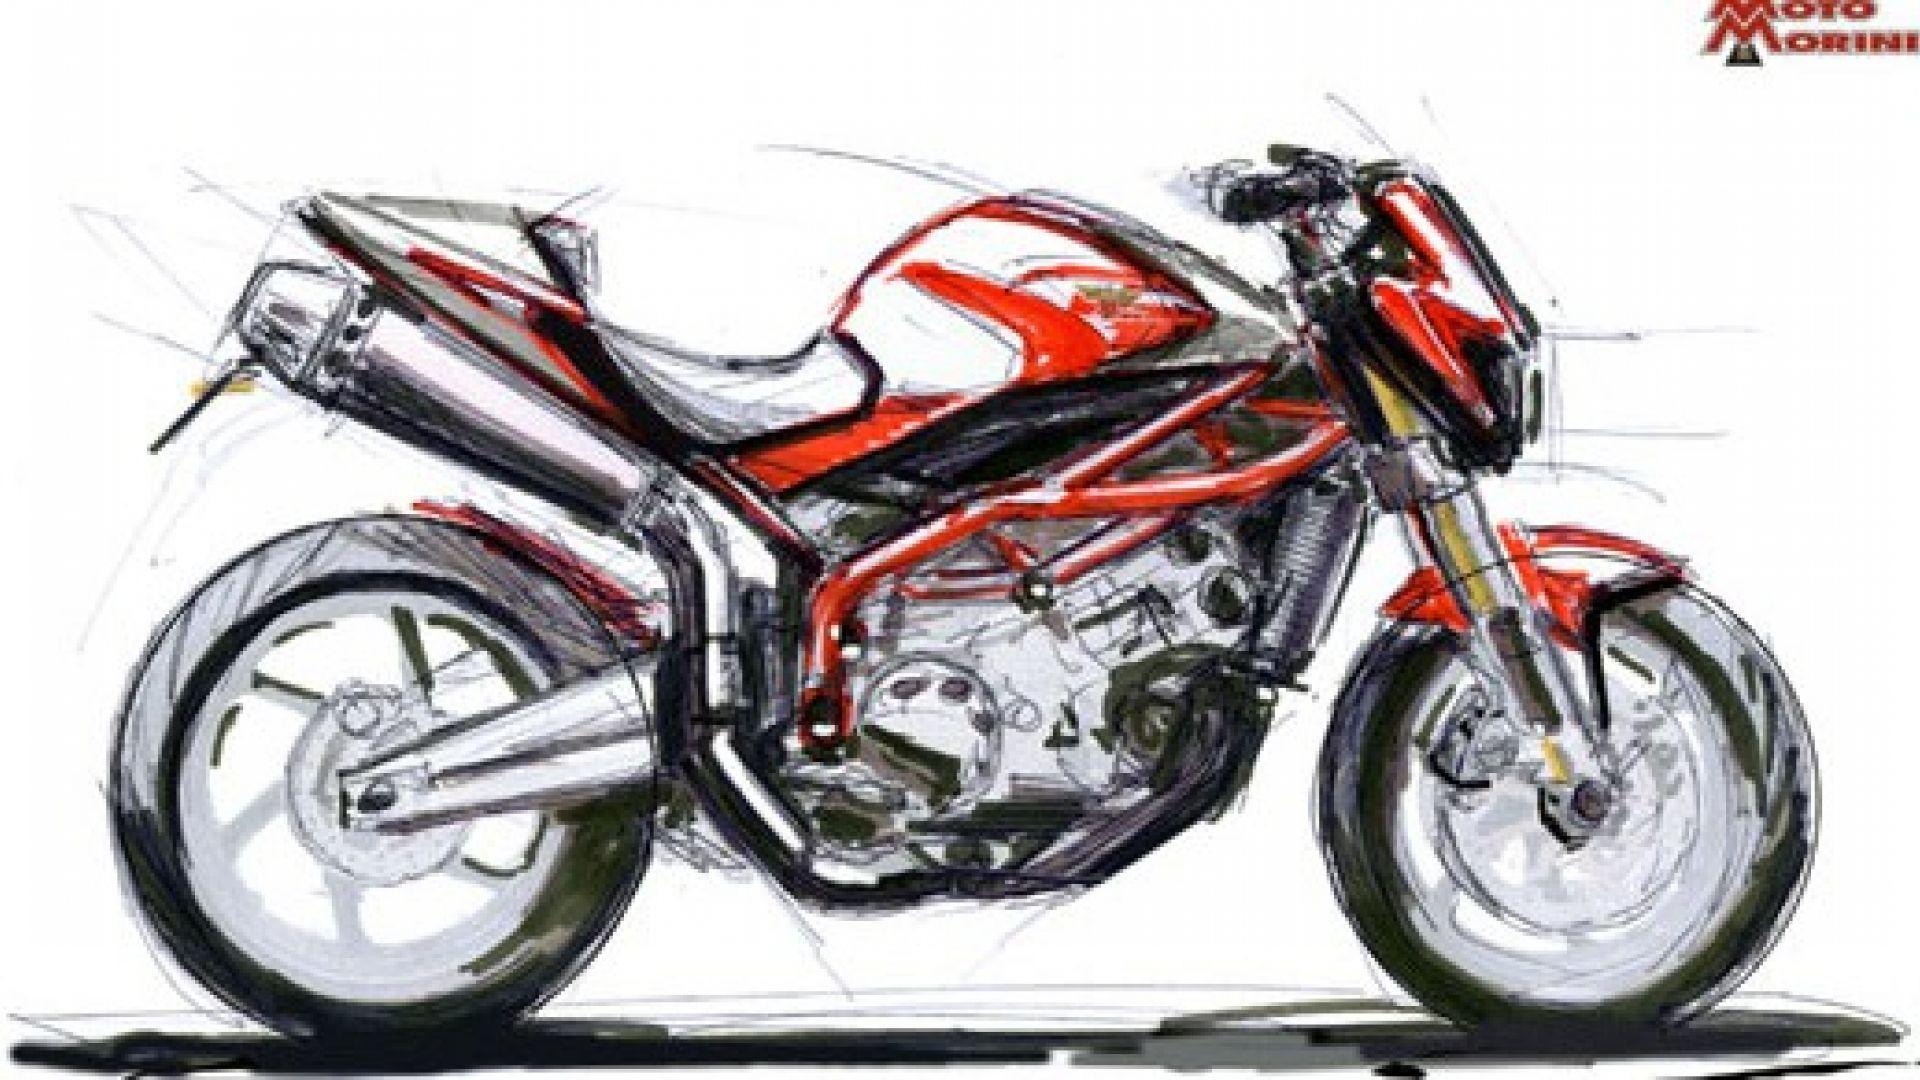 Immagine 1: Moto Morini: i primi disegni